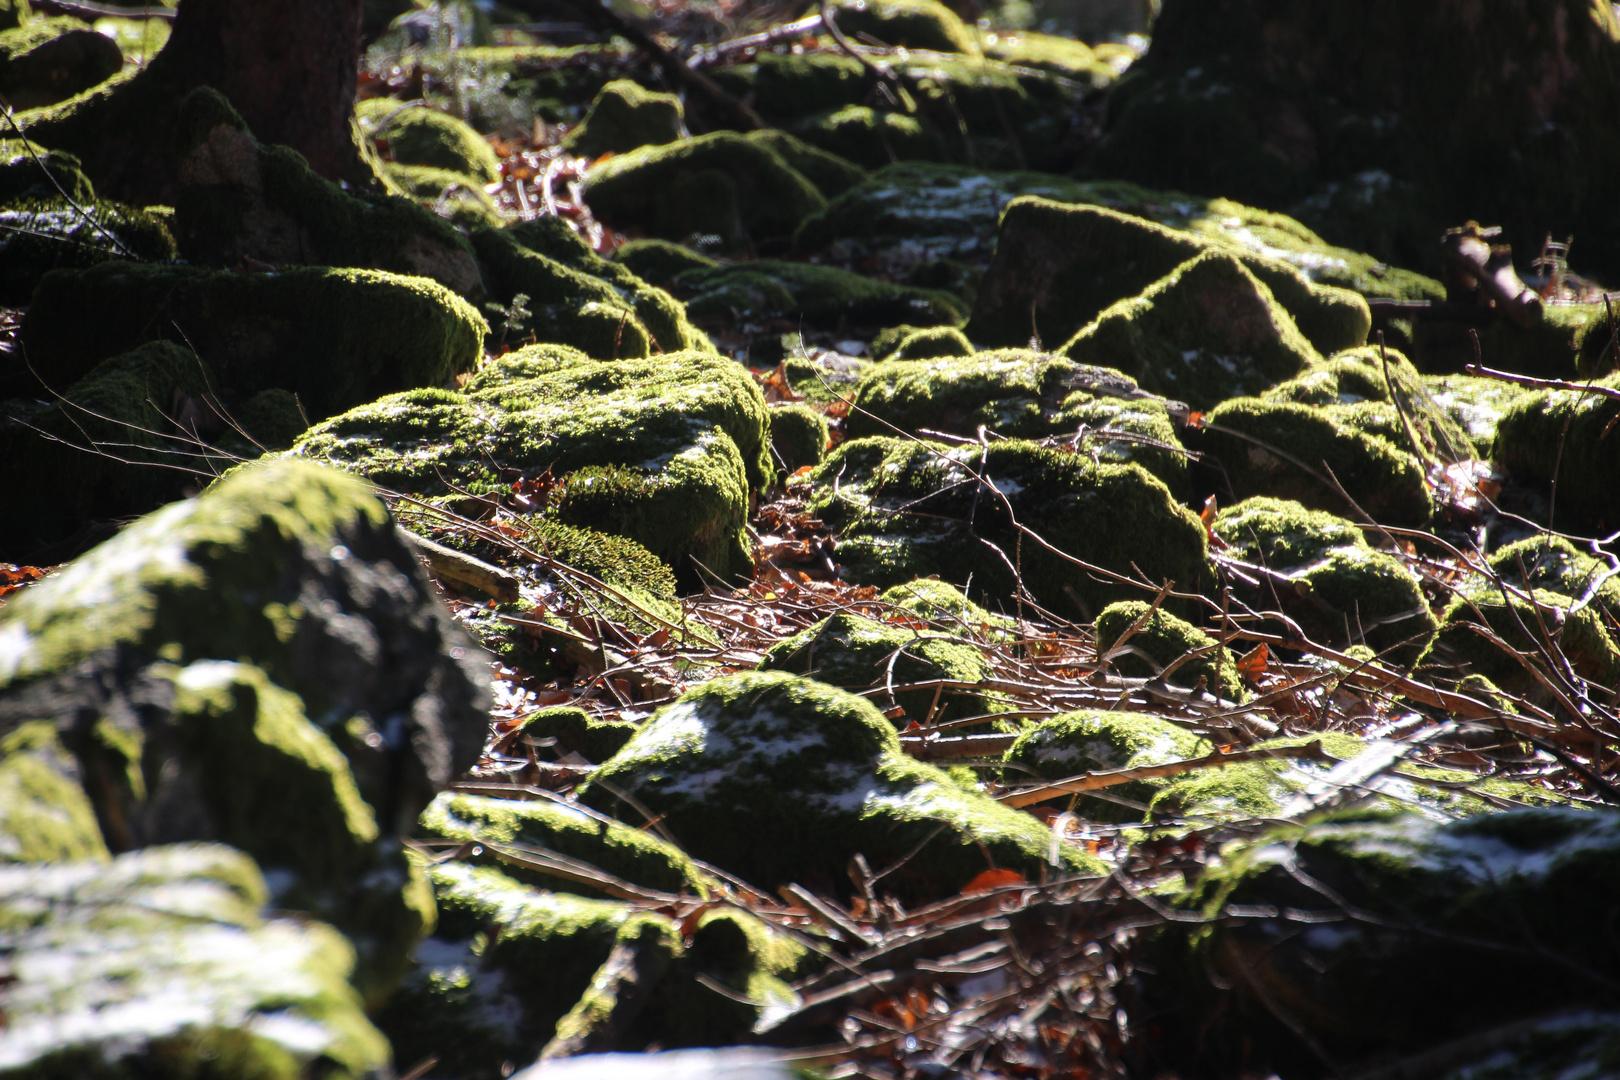 Licht und Schatten von bemoosten Steinen